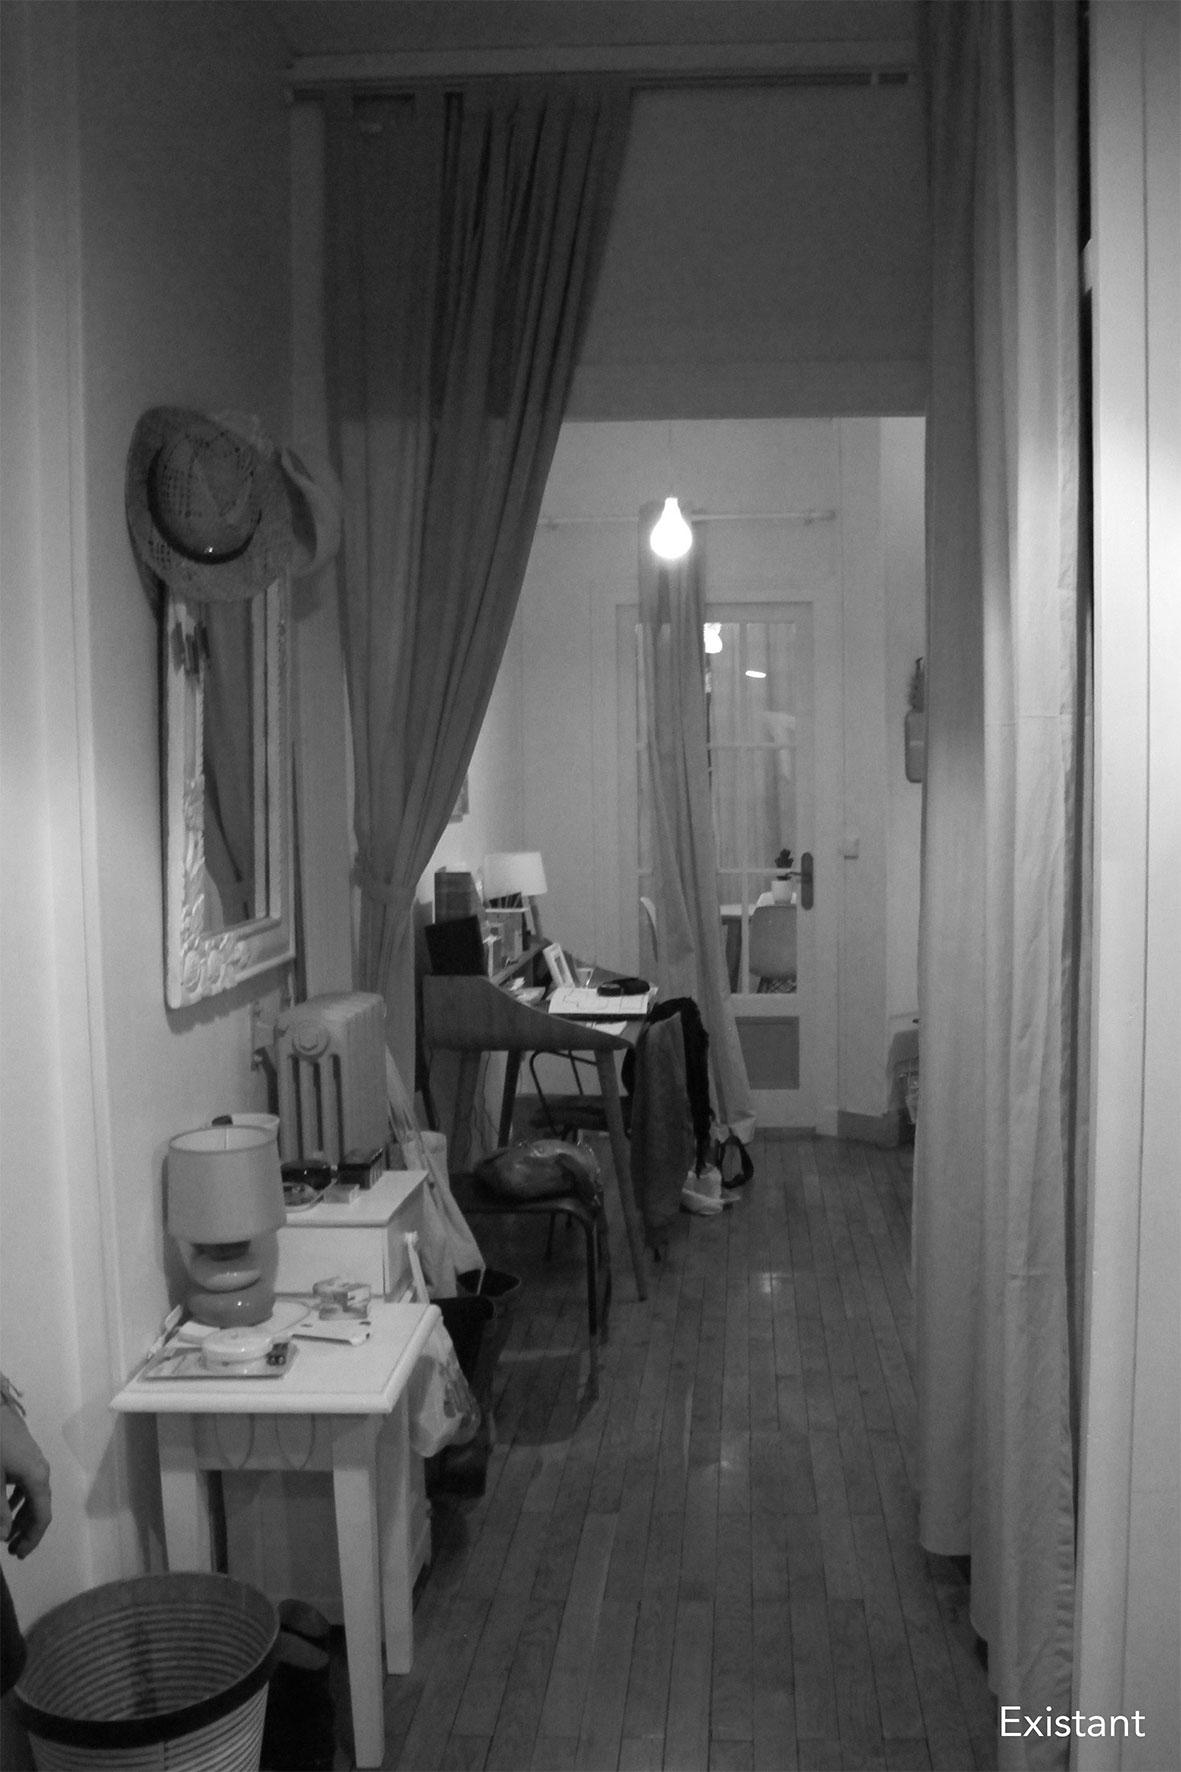 Rue Duquesne - Etat existant